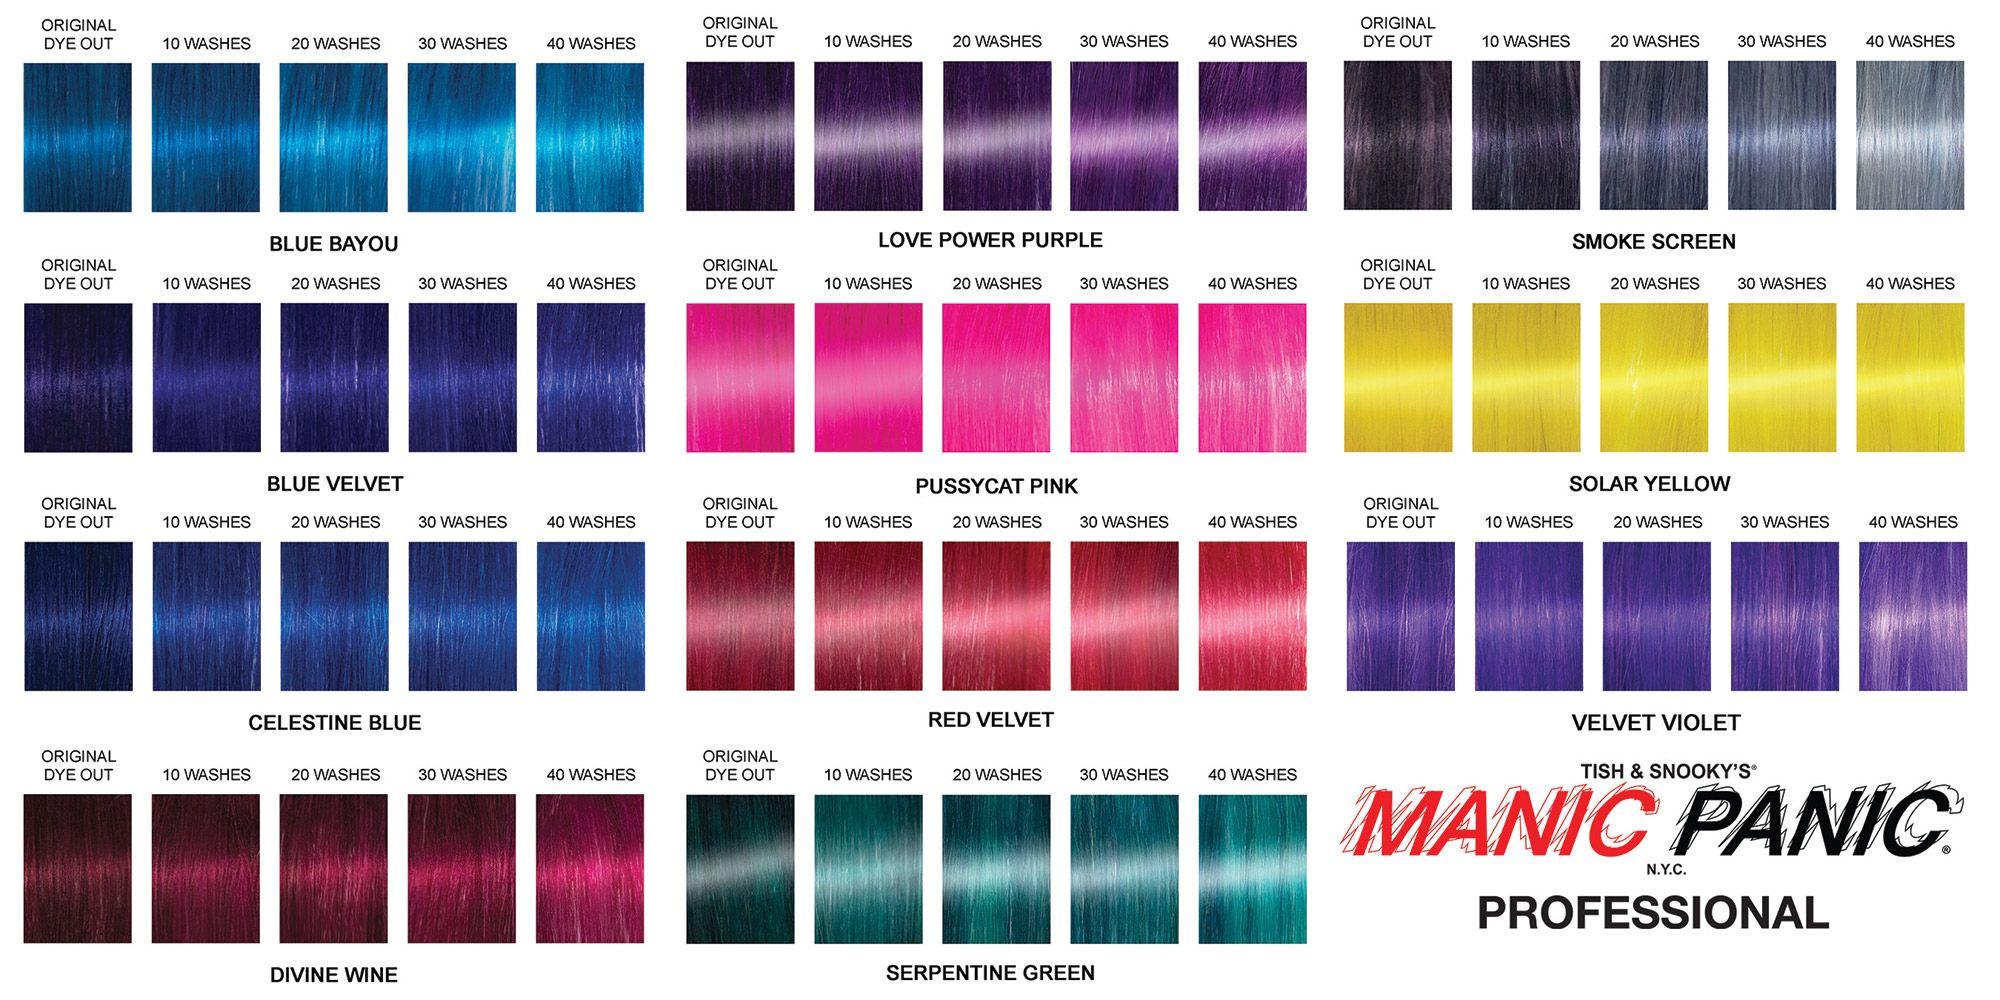 Manic Panic Mixing Colors   Novocom.top